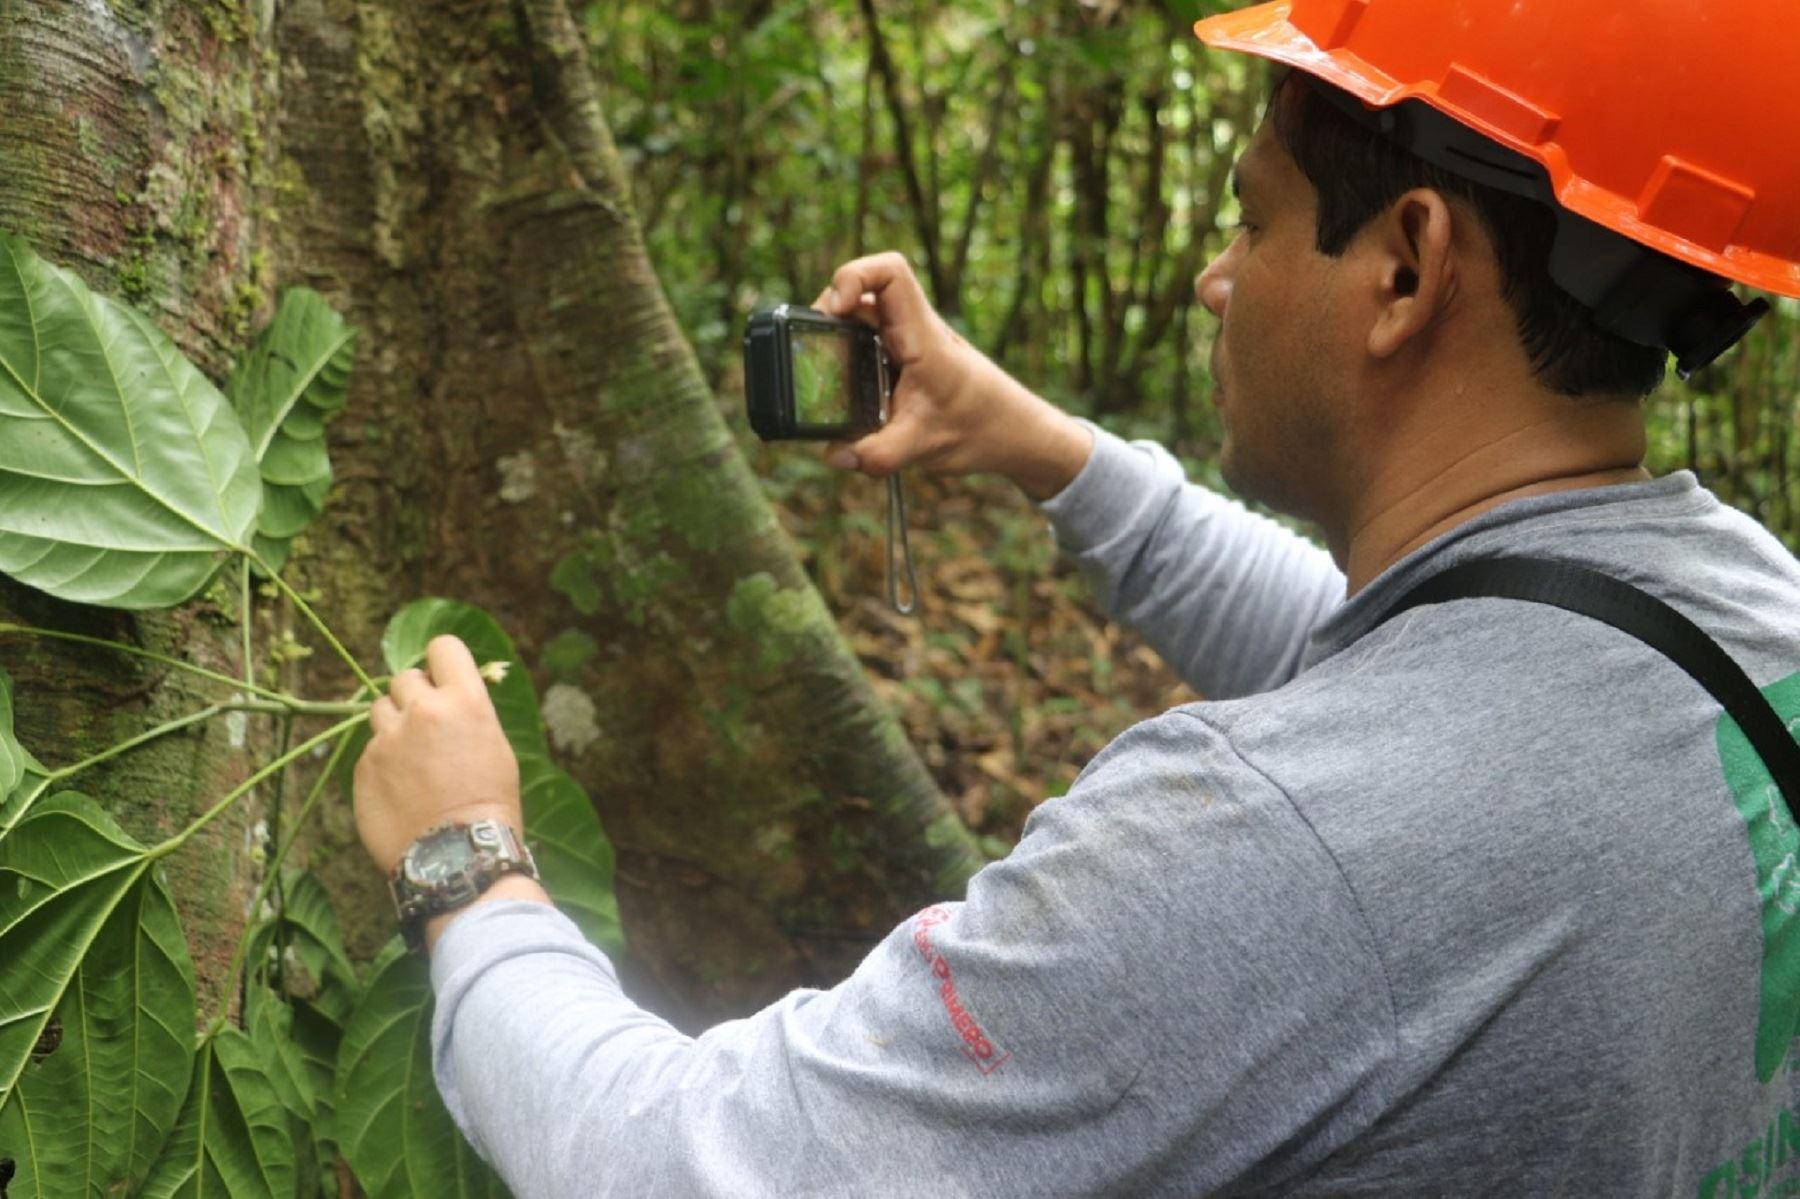 OSINFOR y Pro-Bosques contribuyen al valor de madera en beneficio de Comunidades Nativas. Foto: Difusión